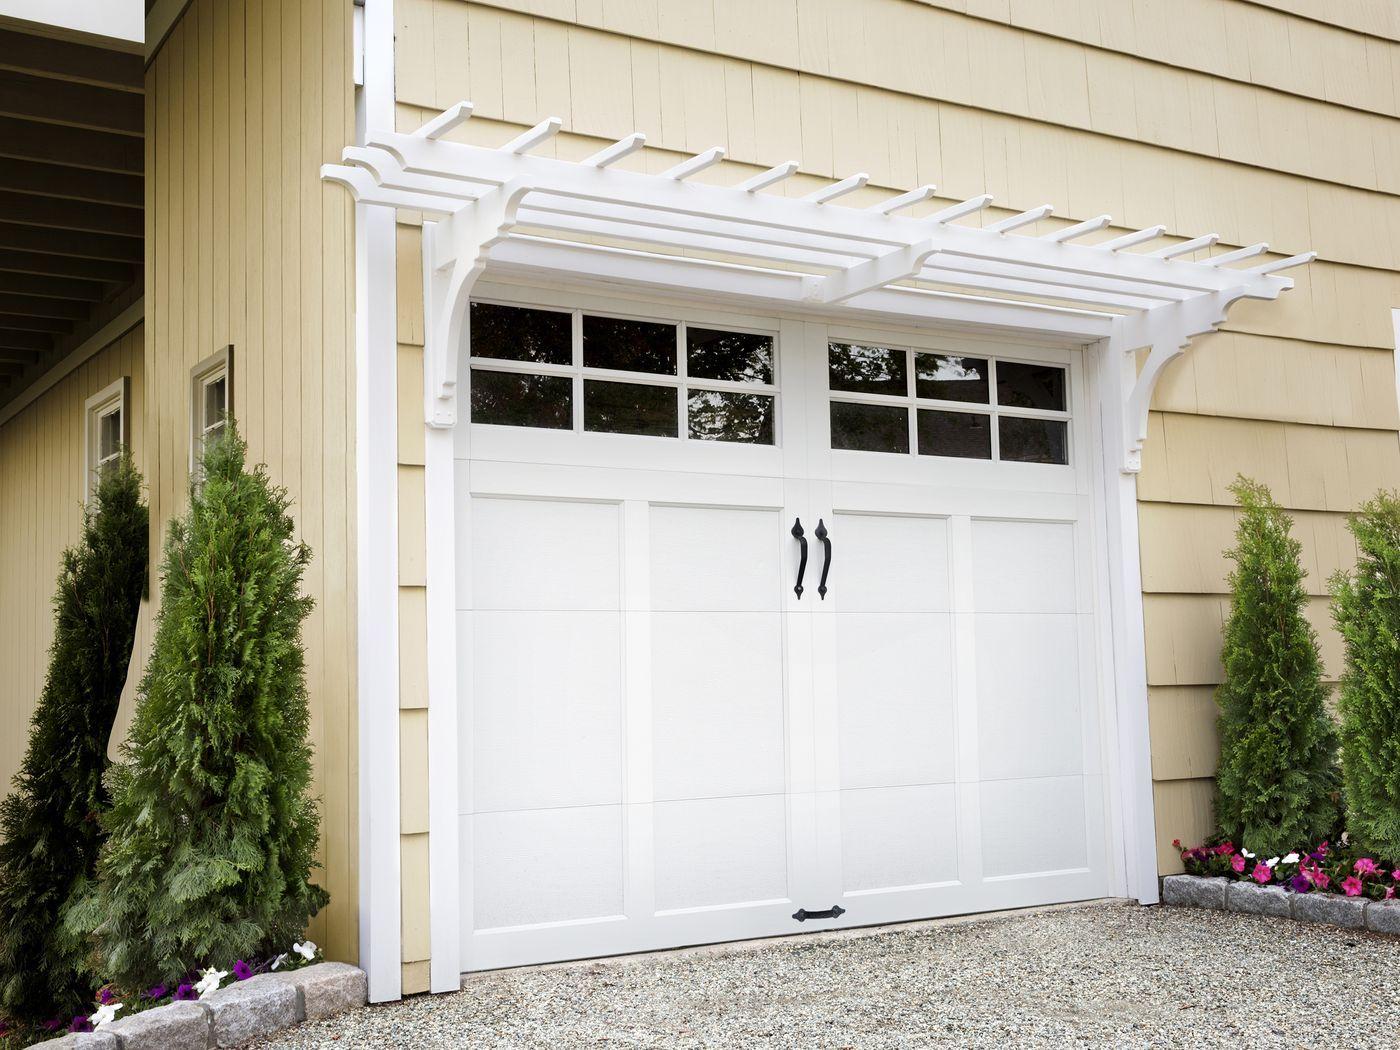 How to Build a Garage Pergola | Garage door design, Garage ...